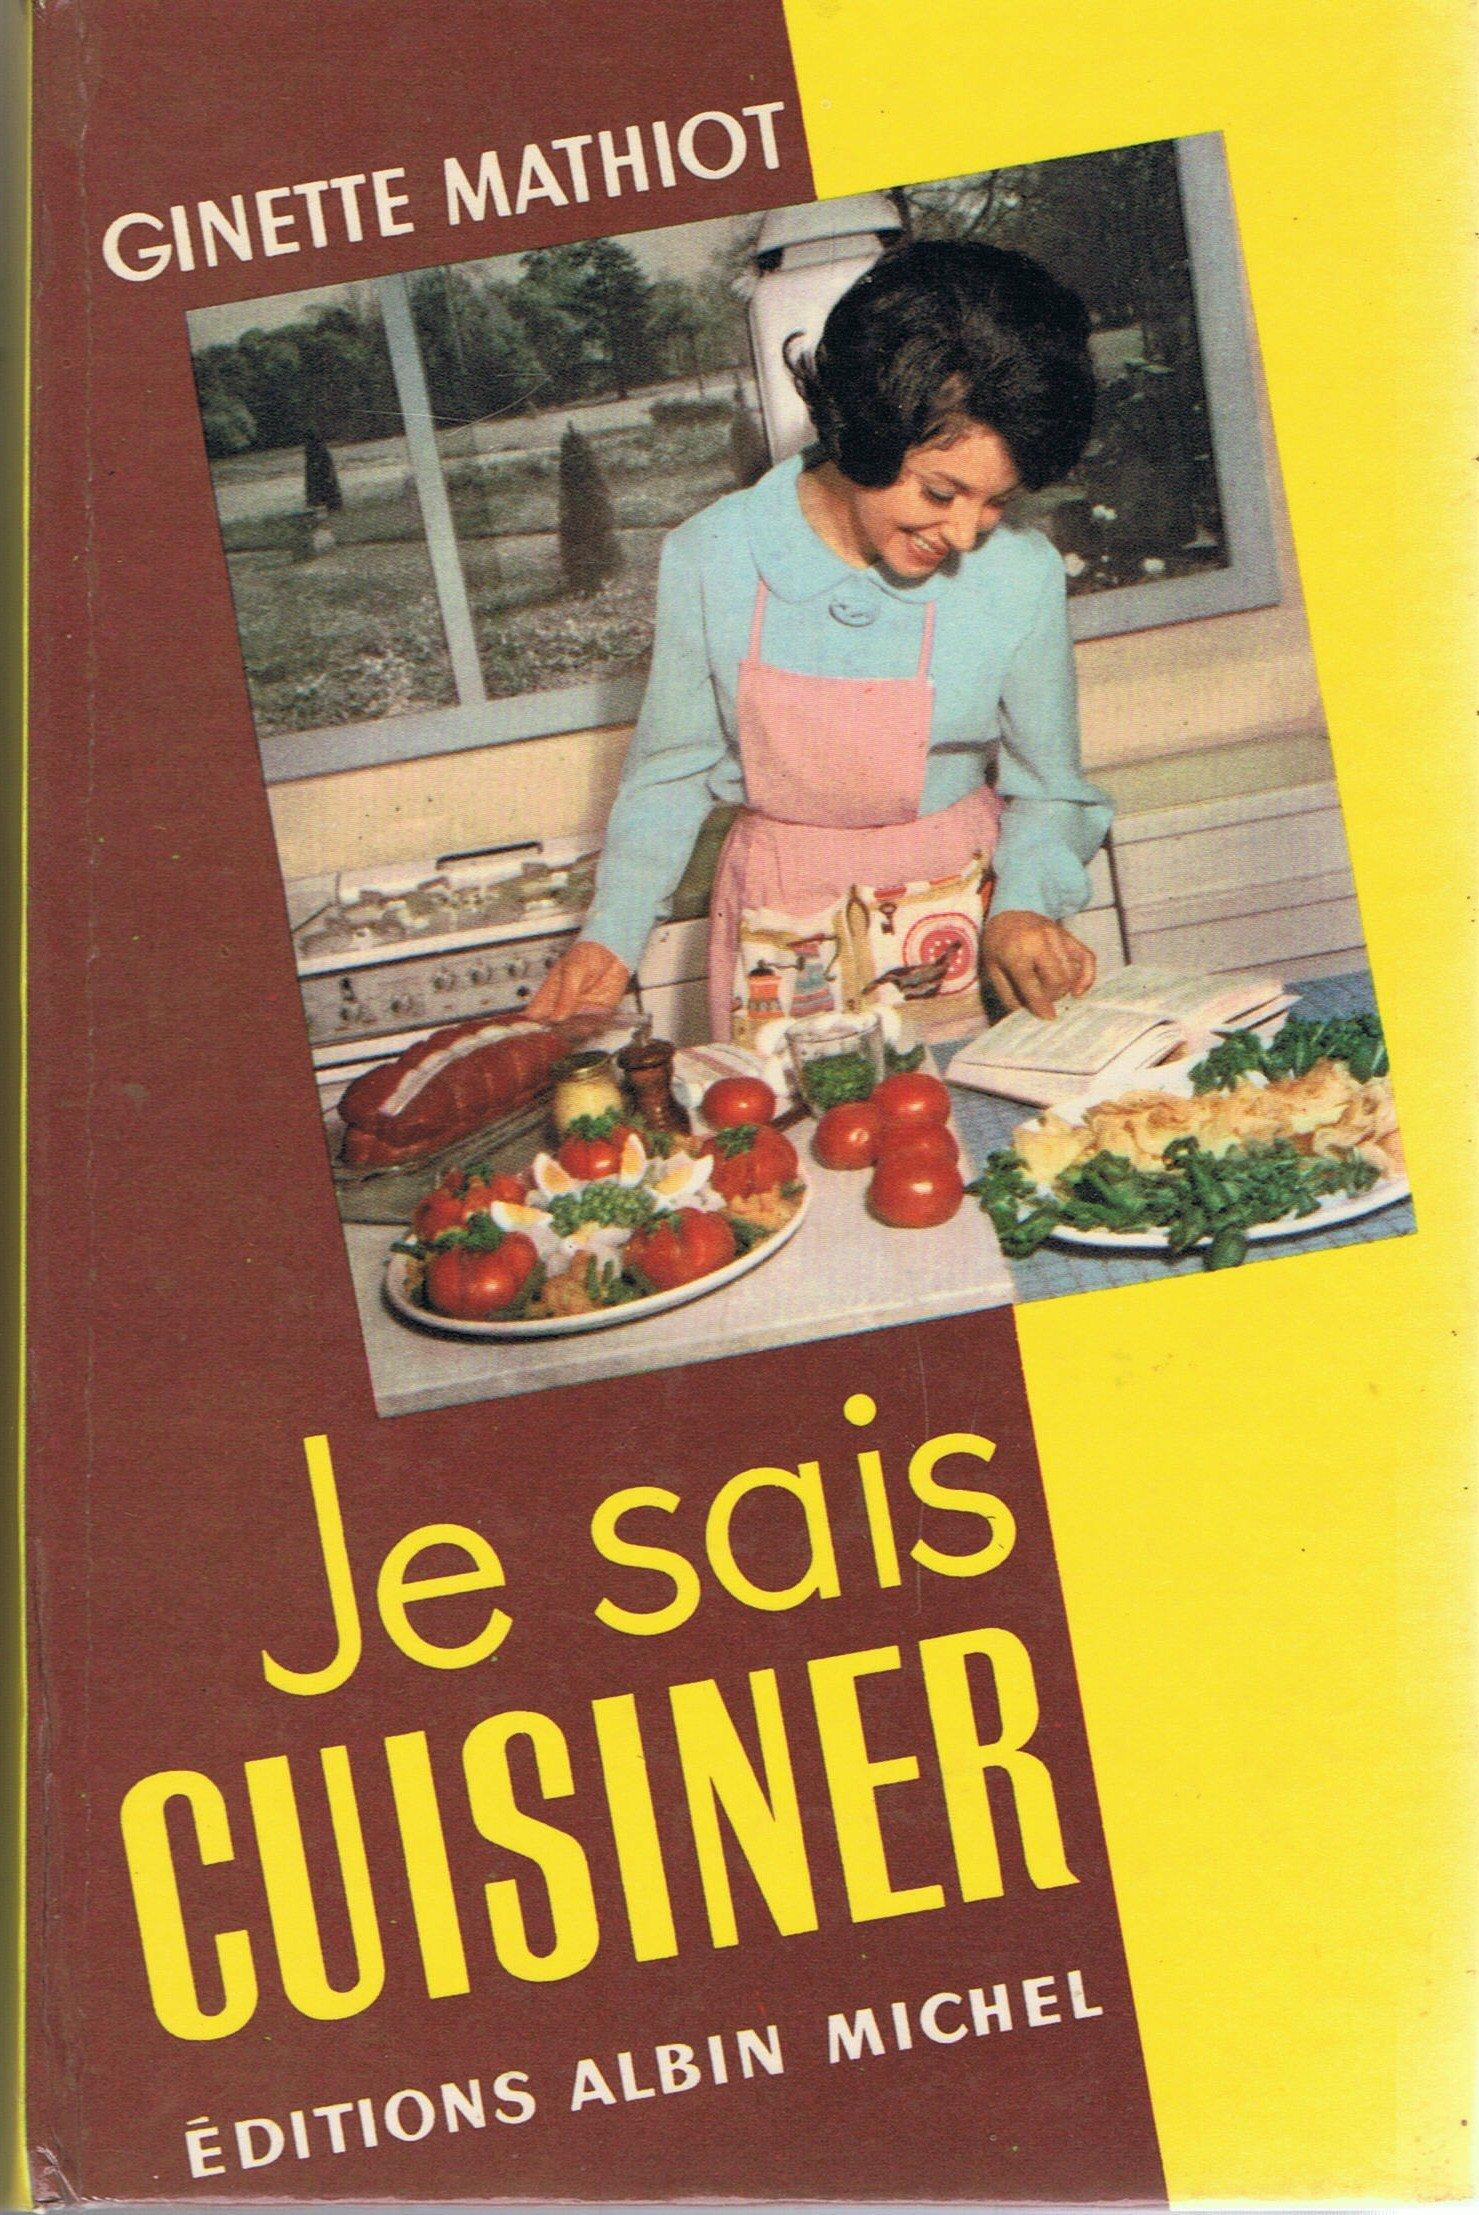 Amazon.fr - Je sais cuisiner : Plus de 2000 recettes - Mathiot, Ginette -  Livres